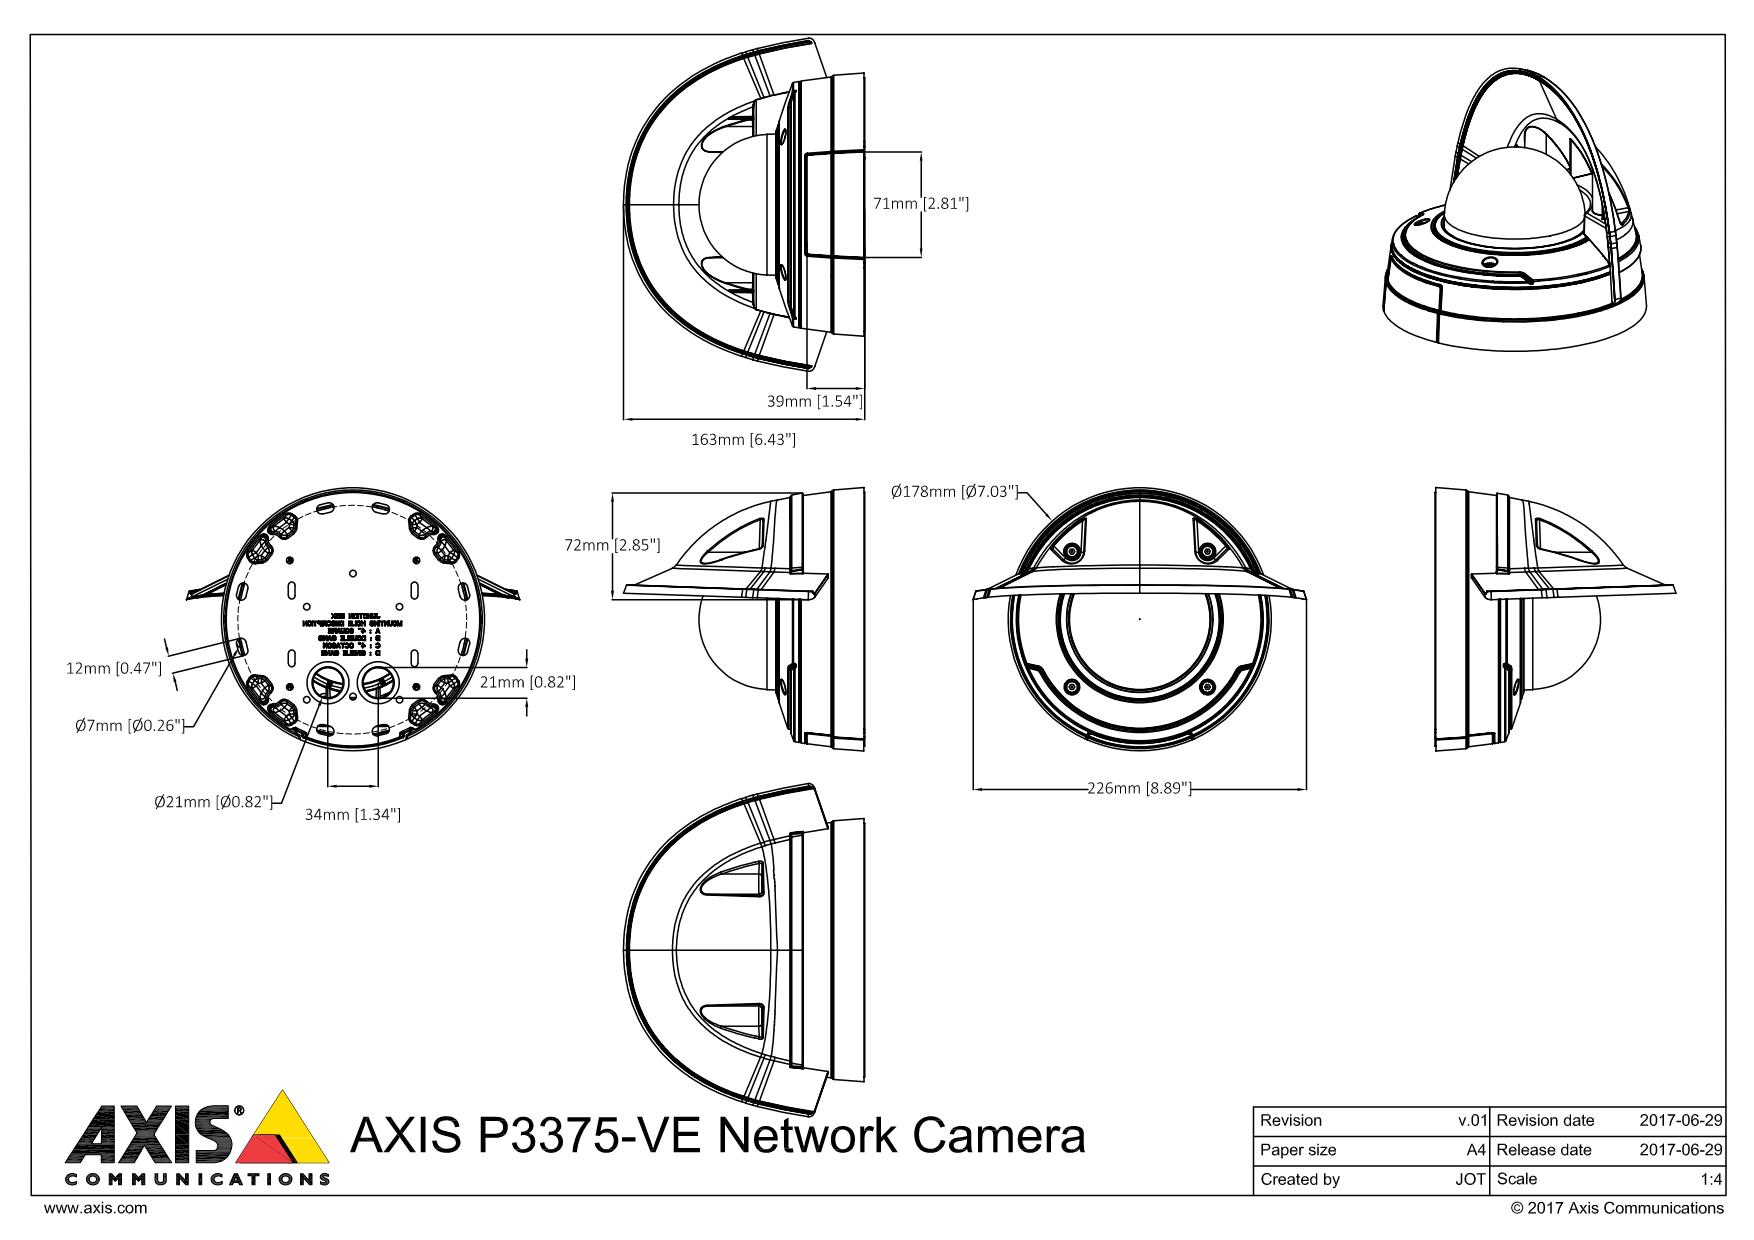 P3375-VE